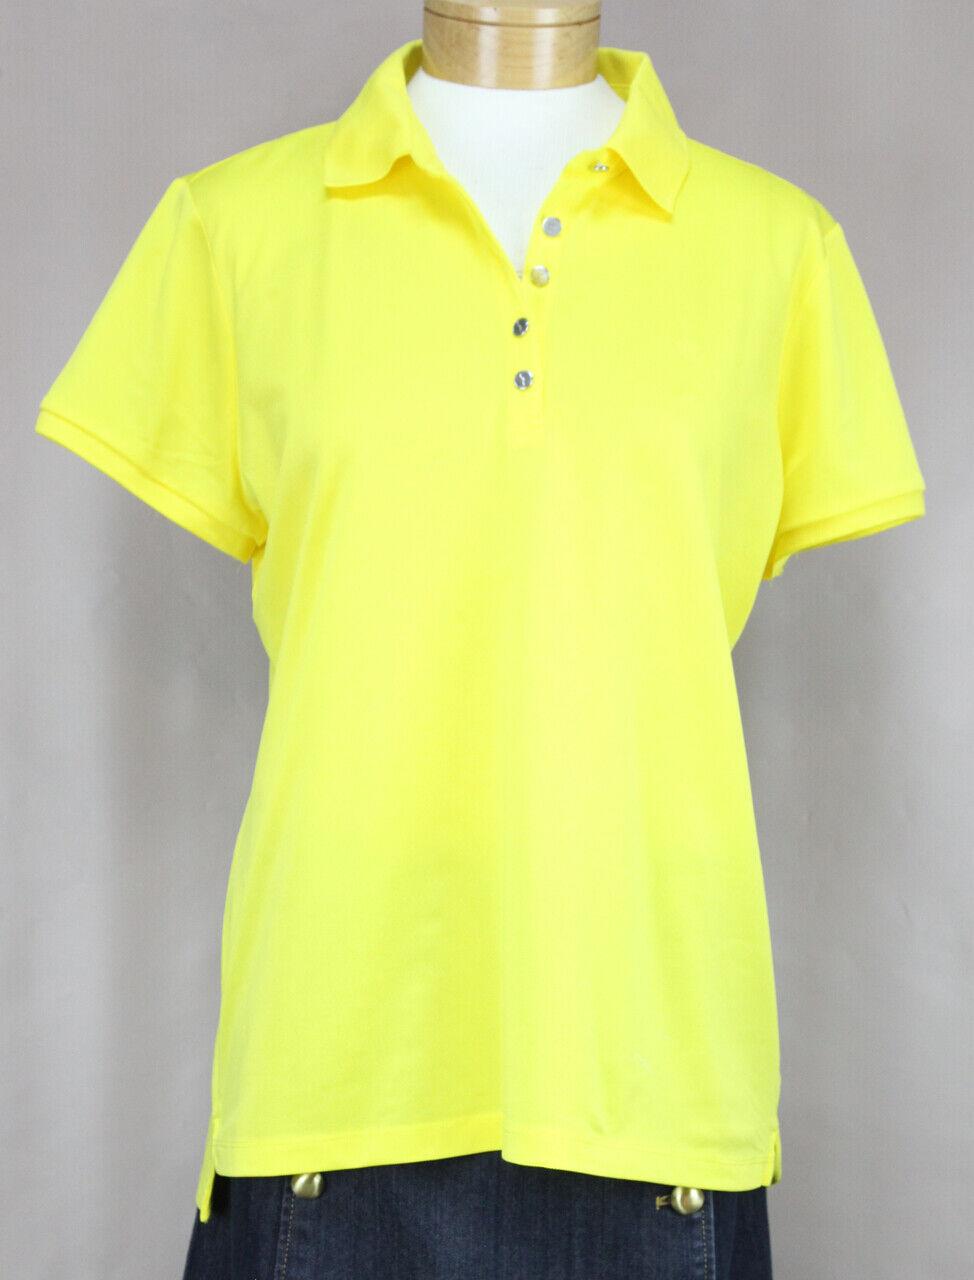 Lauren Ralph Lauren Damen Gelb Active Pique Polo Top Hemd Ret. Neu